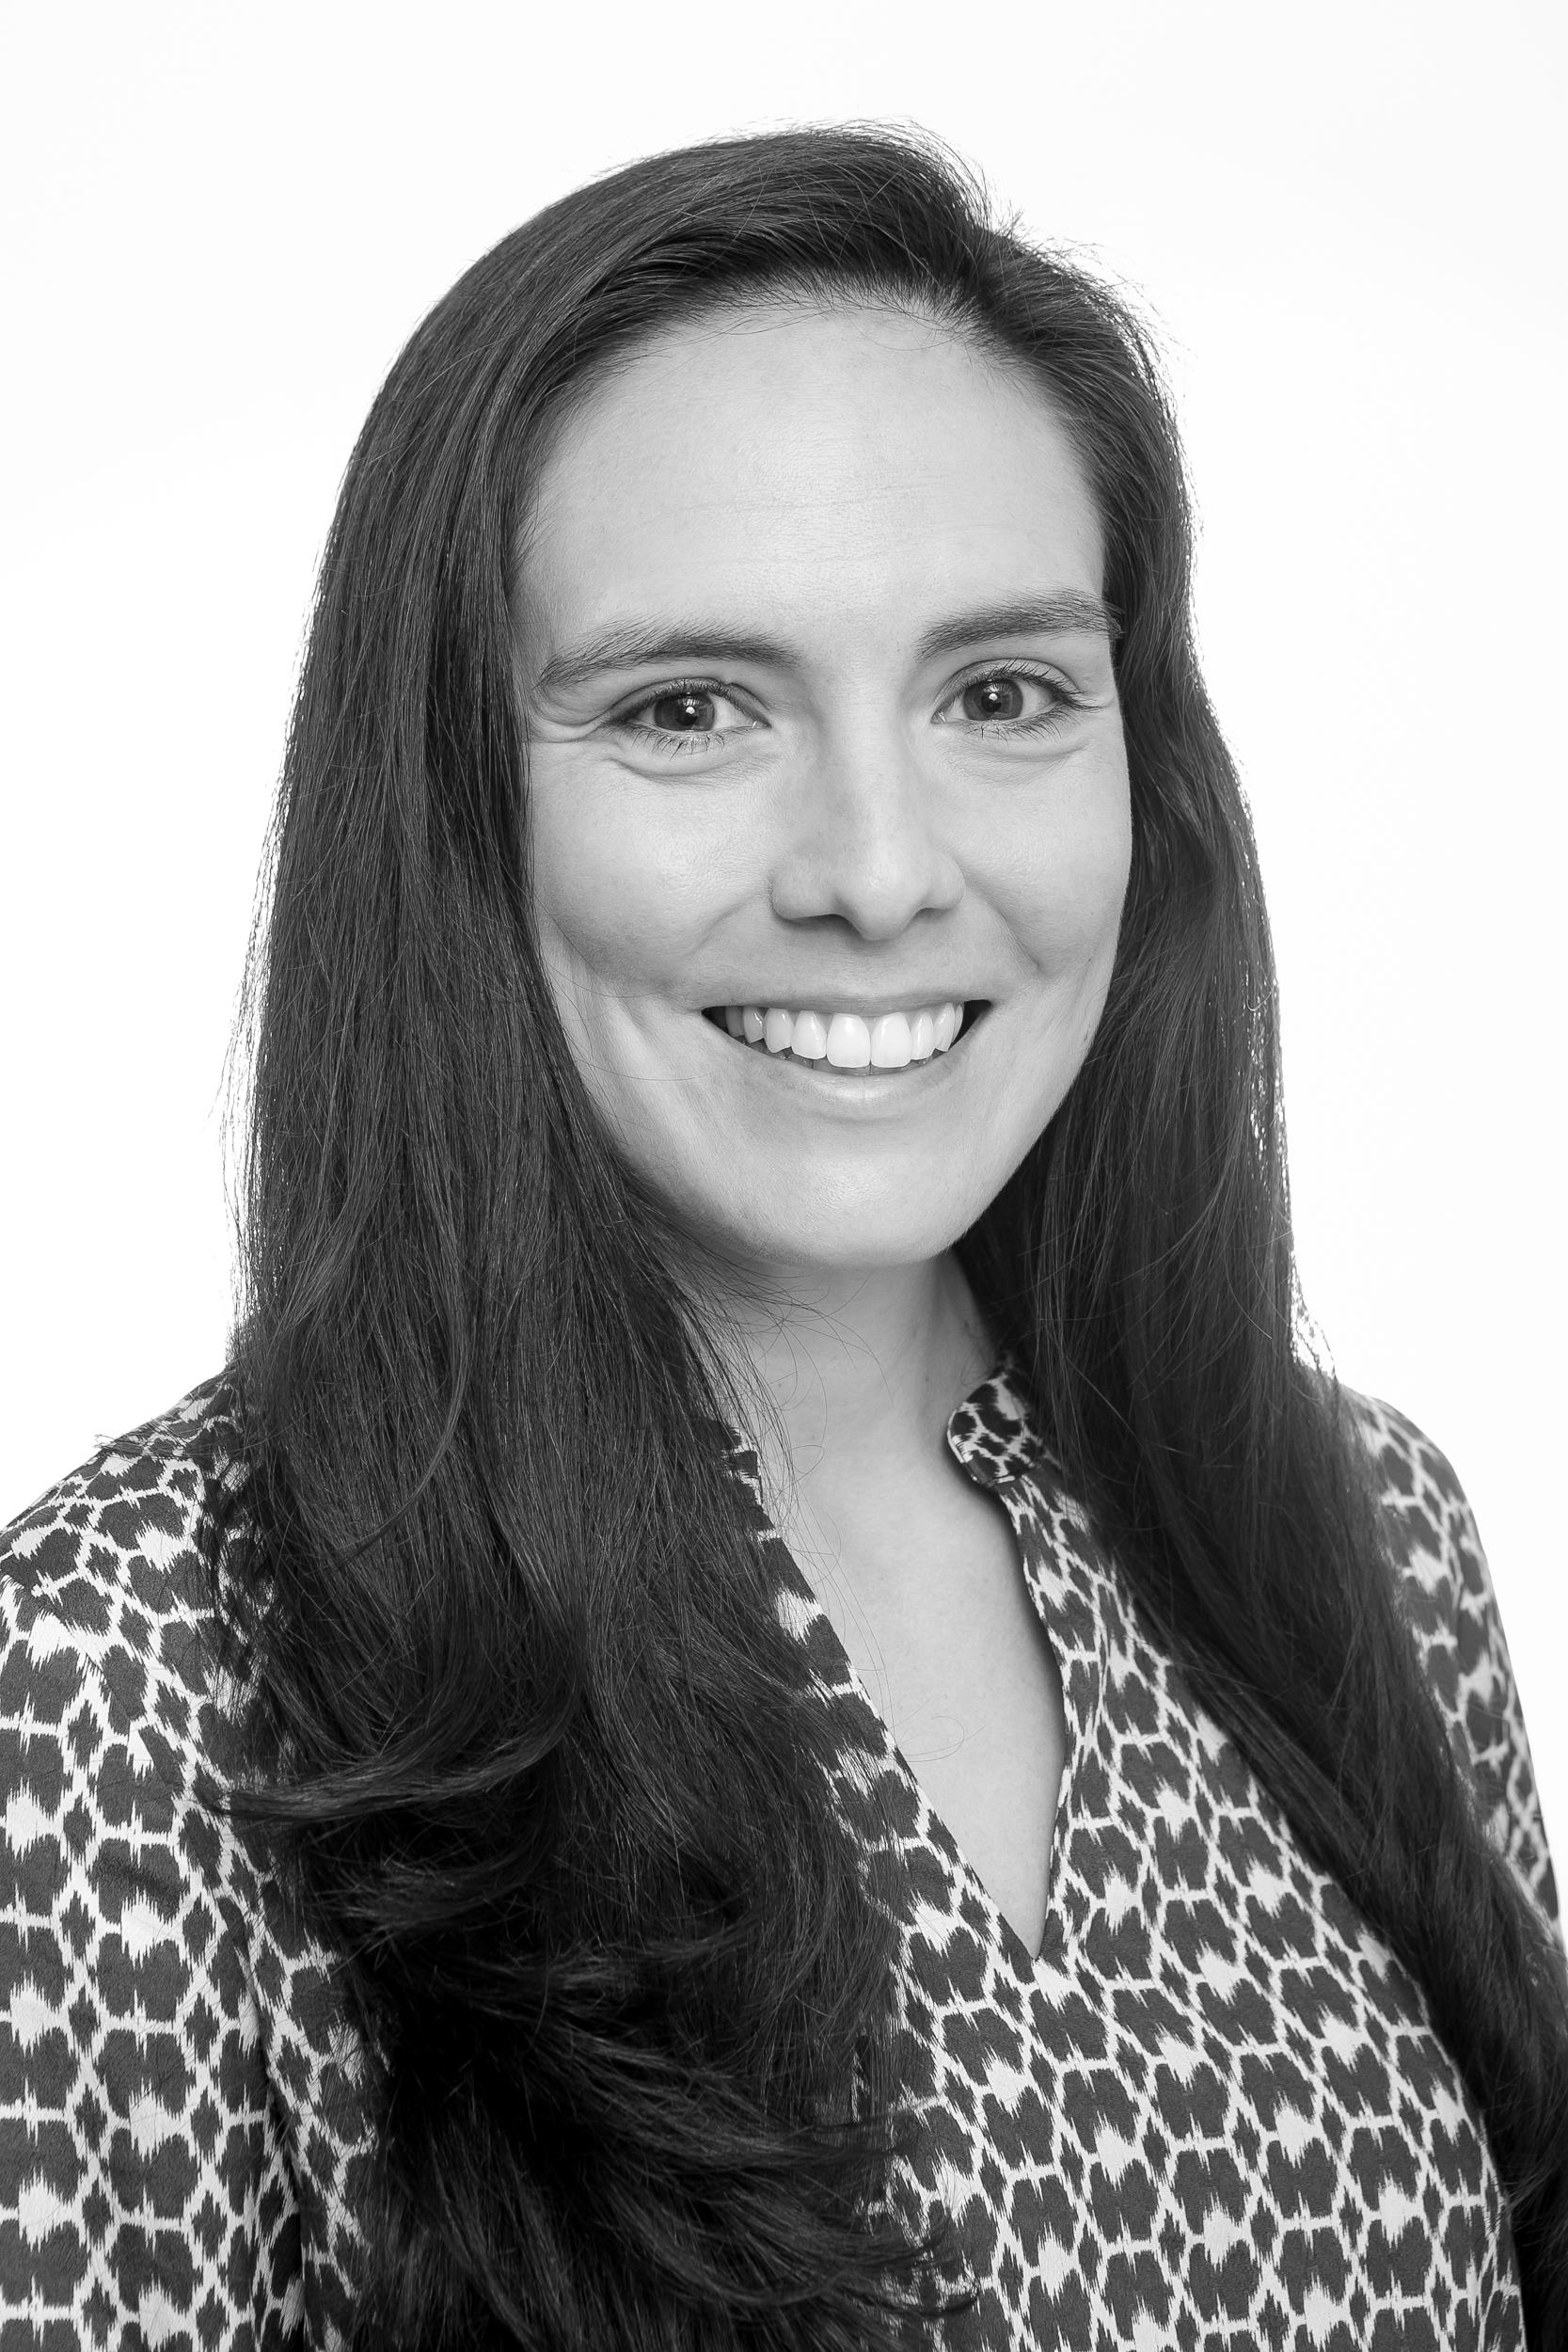 Katrina Delgadillo